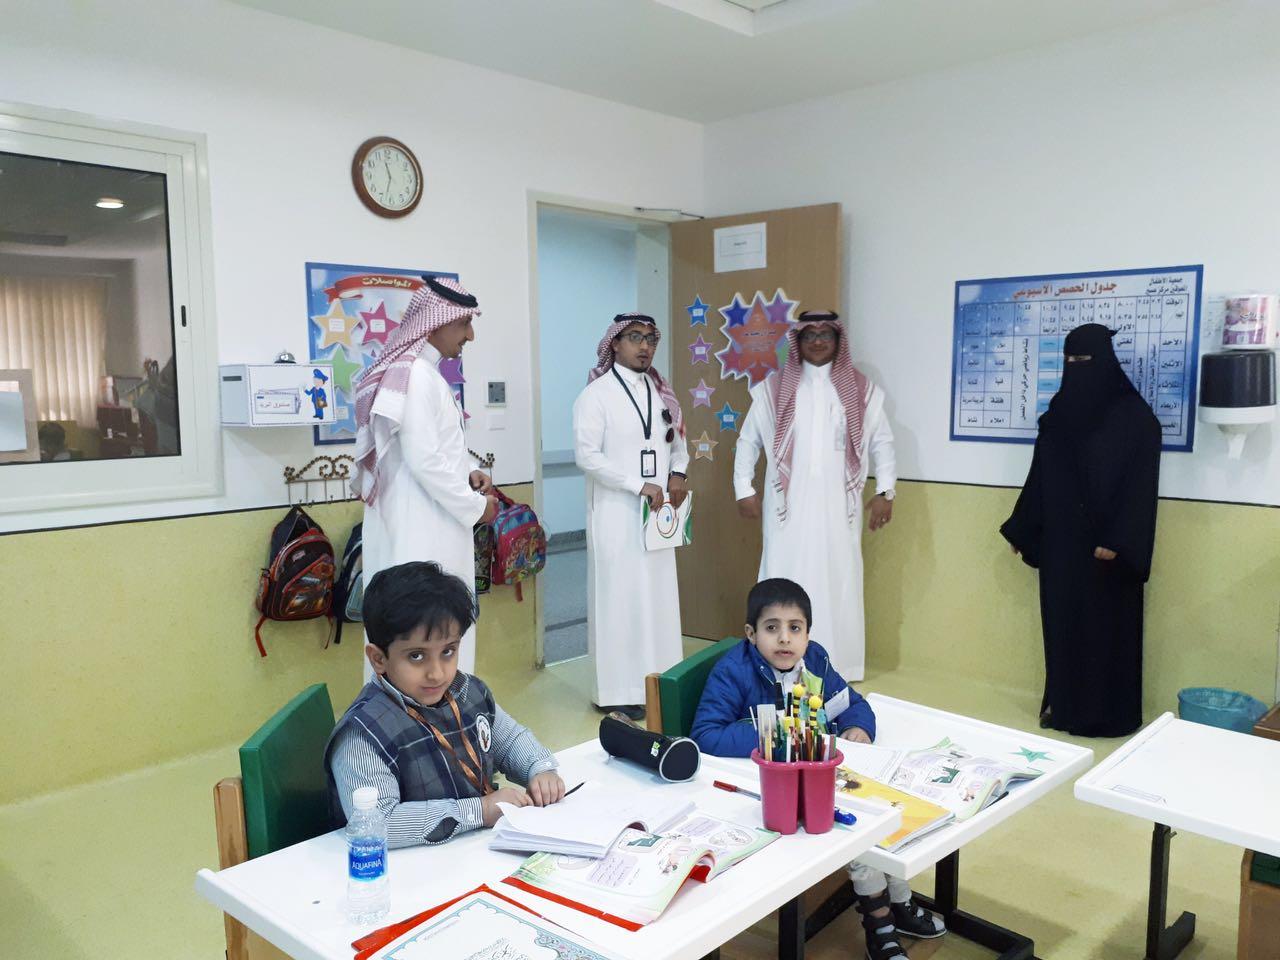 بالصور.. كاتب الوطن علي الموسى يزور أطفال عسير المُعوقين - المواطن